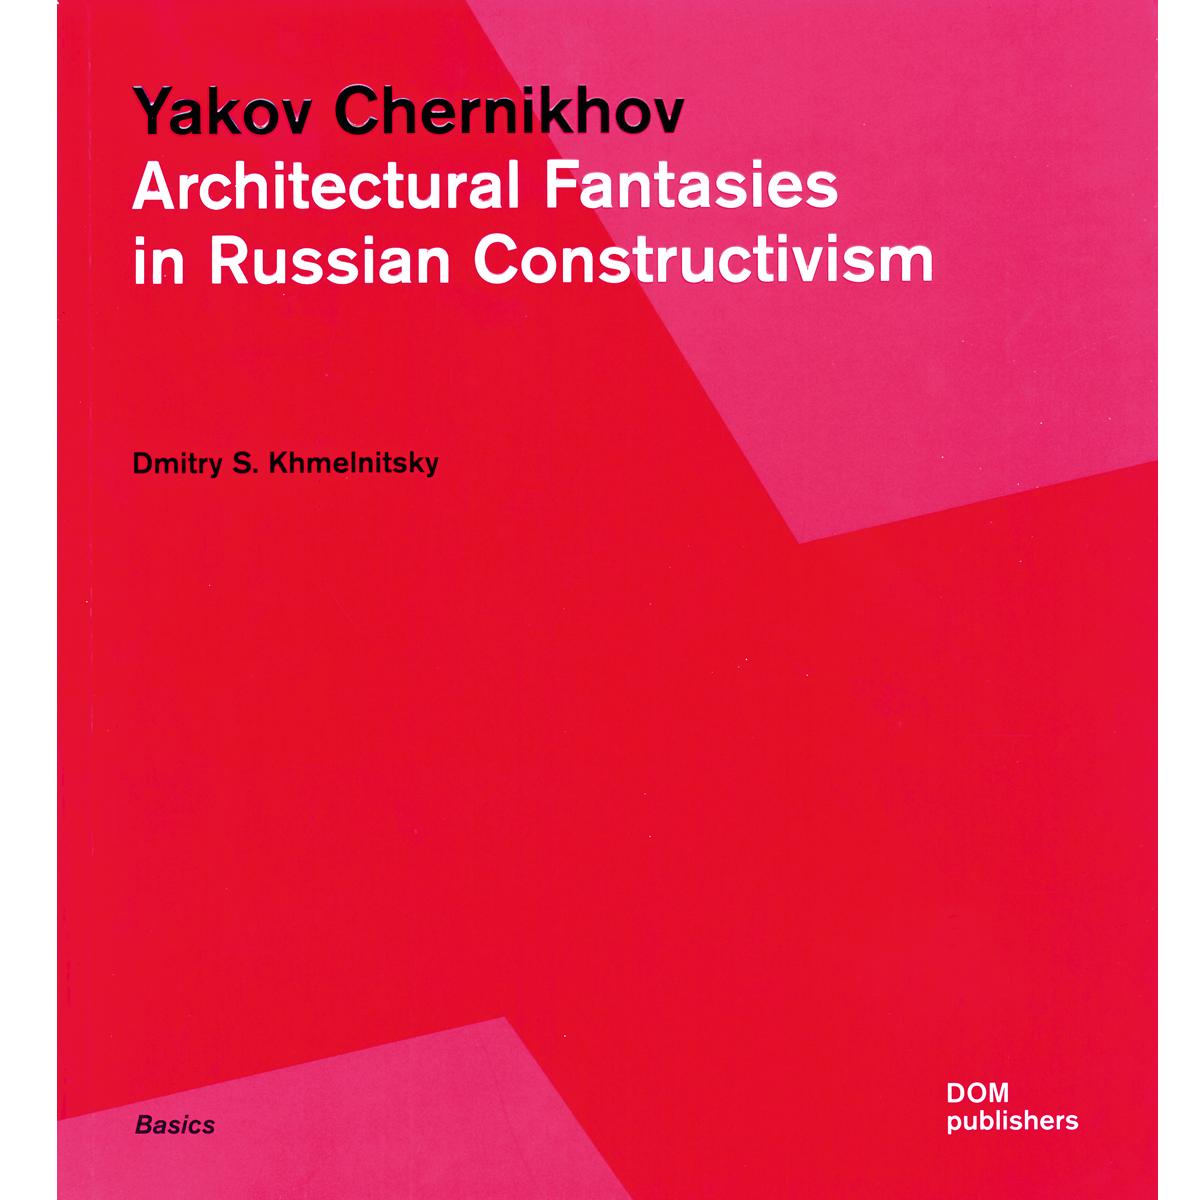 Yakov Chernikhov